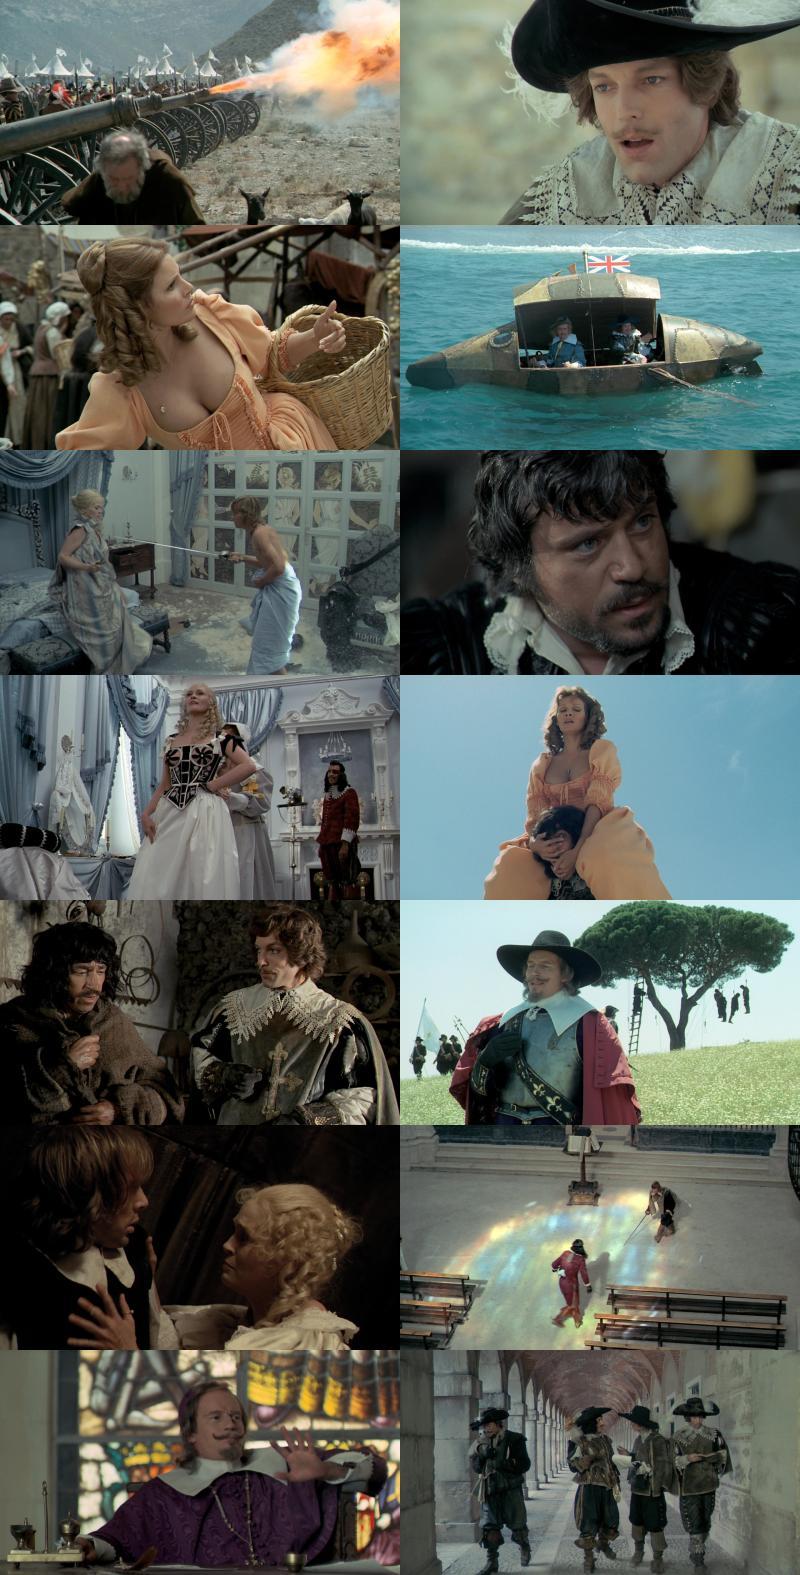 http://watershade.net/public/four-musketeers-1974.jpg